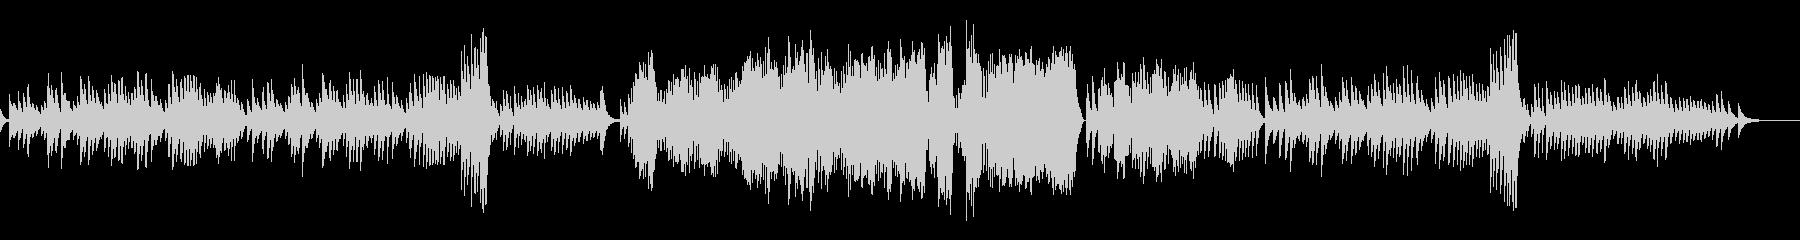 エチュード 作品10-3オルゴールverの未再生の波形